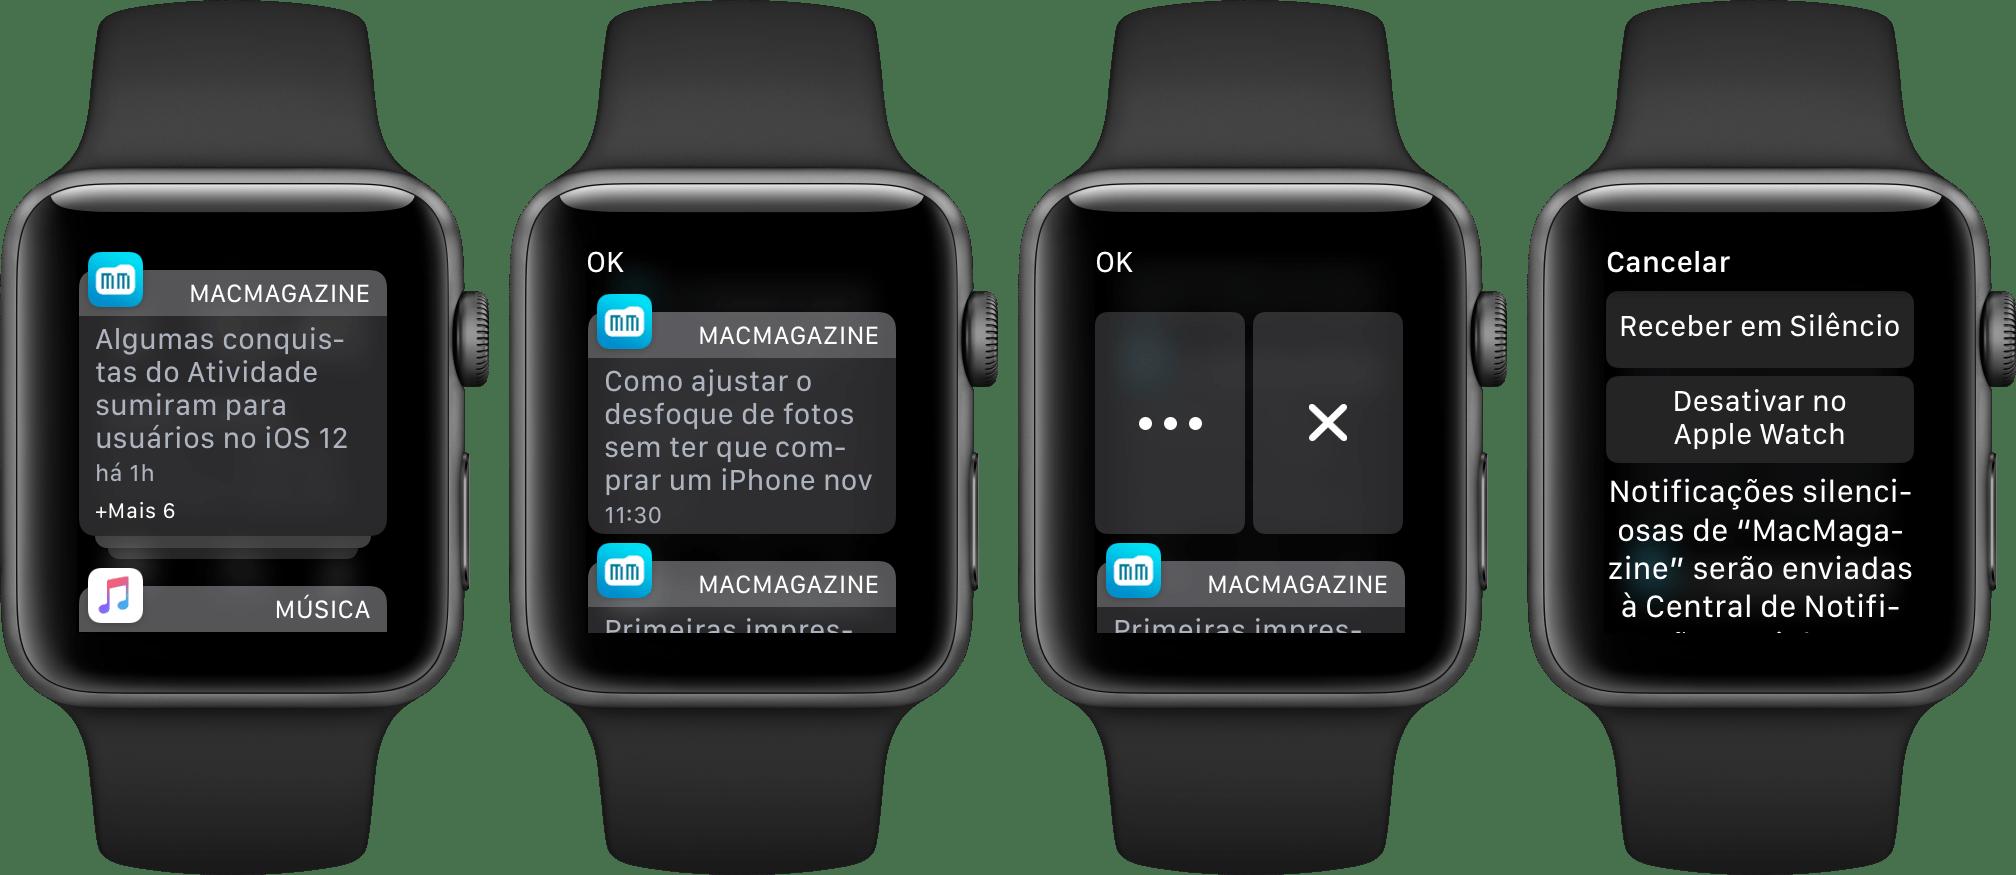 Notificações no watchOS 5